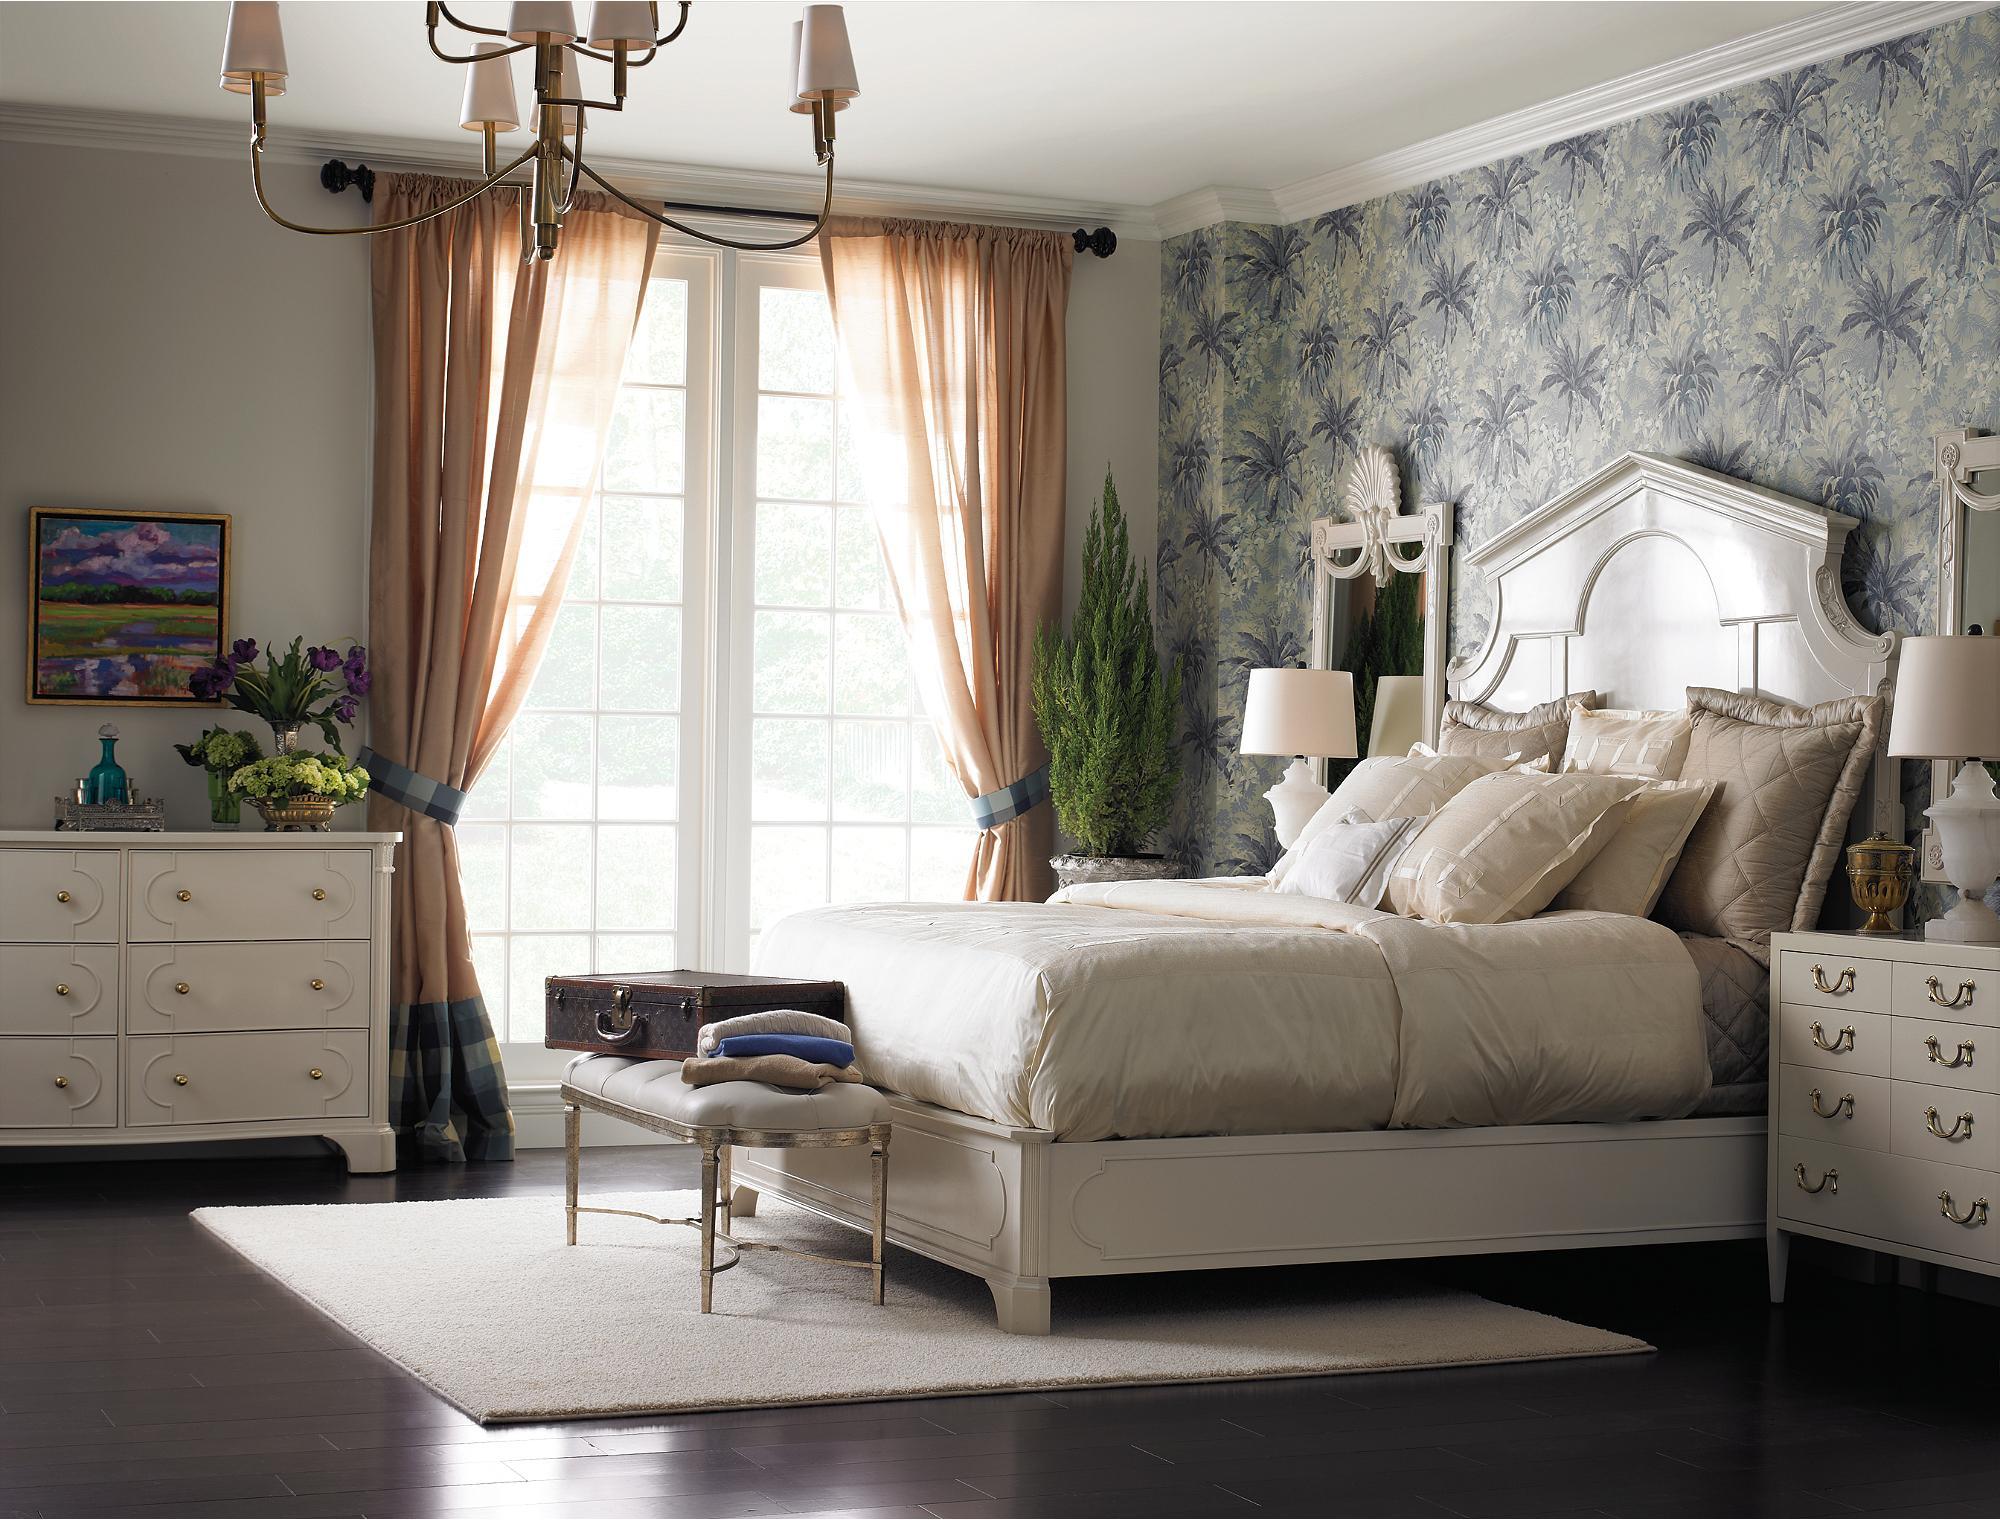 Stanley furniture charleston regency california king bedroom group ahfa bedroom group dealer locator